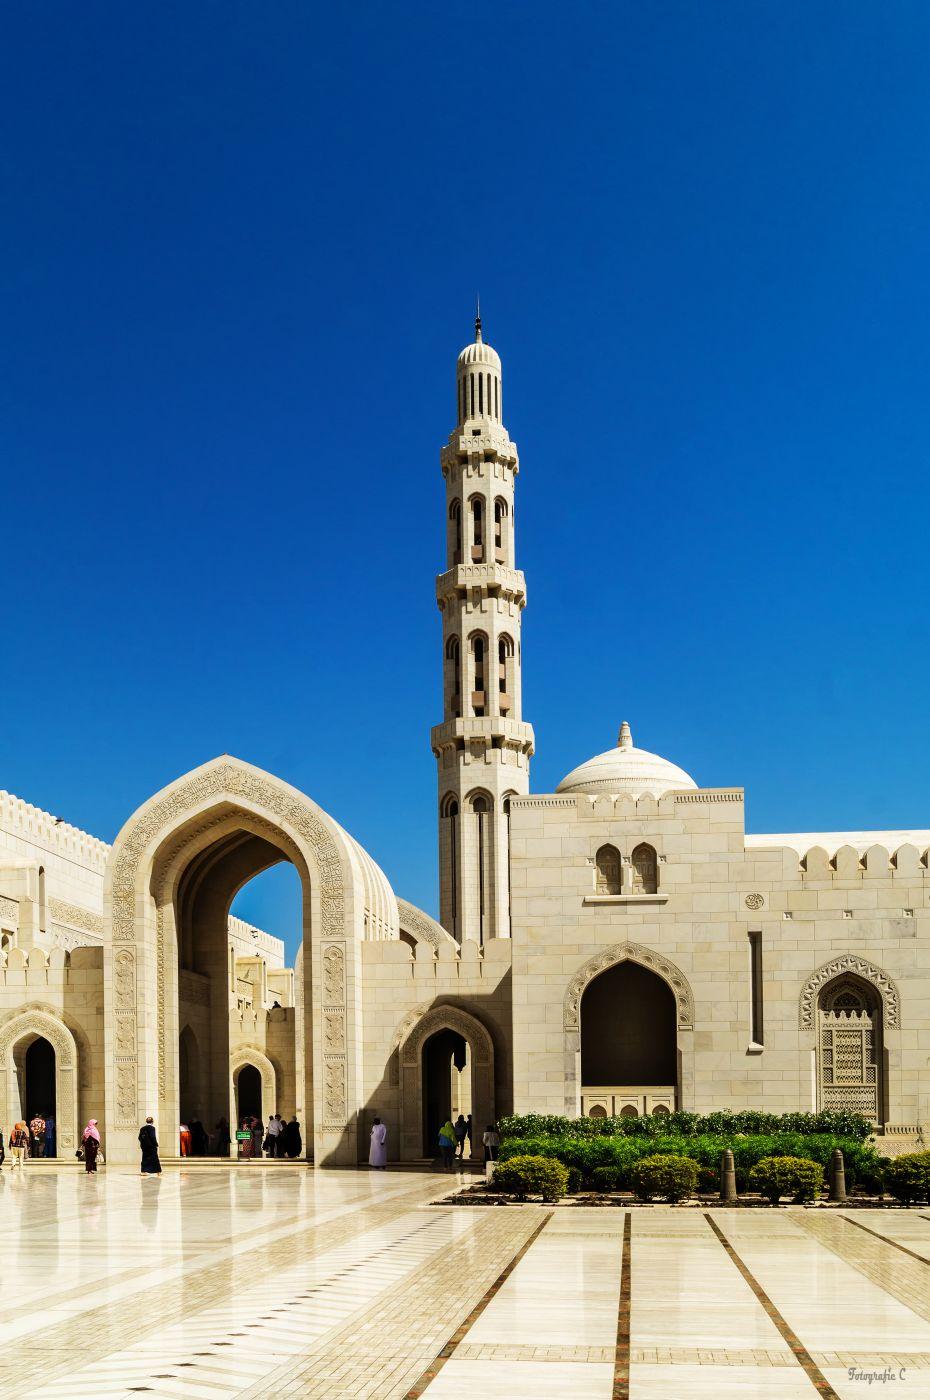 Sultan Qaboos Big Mosque, Muscat, Oman, Oman